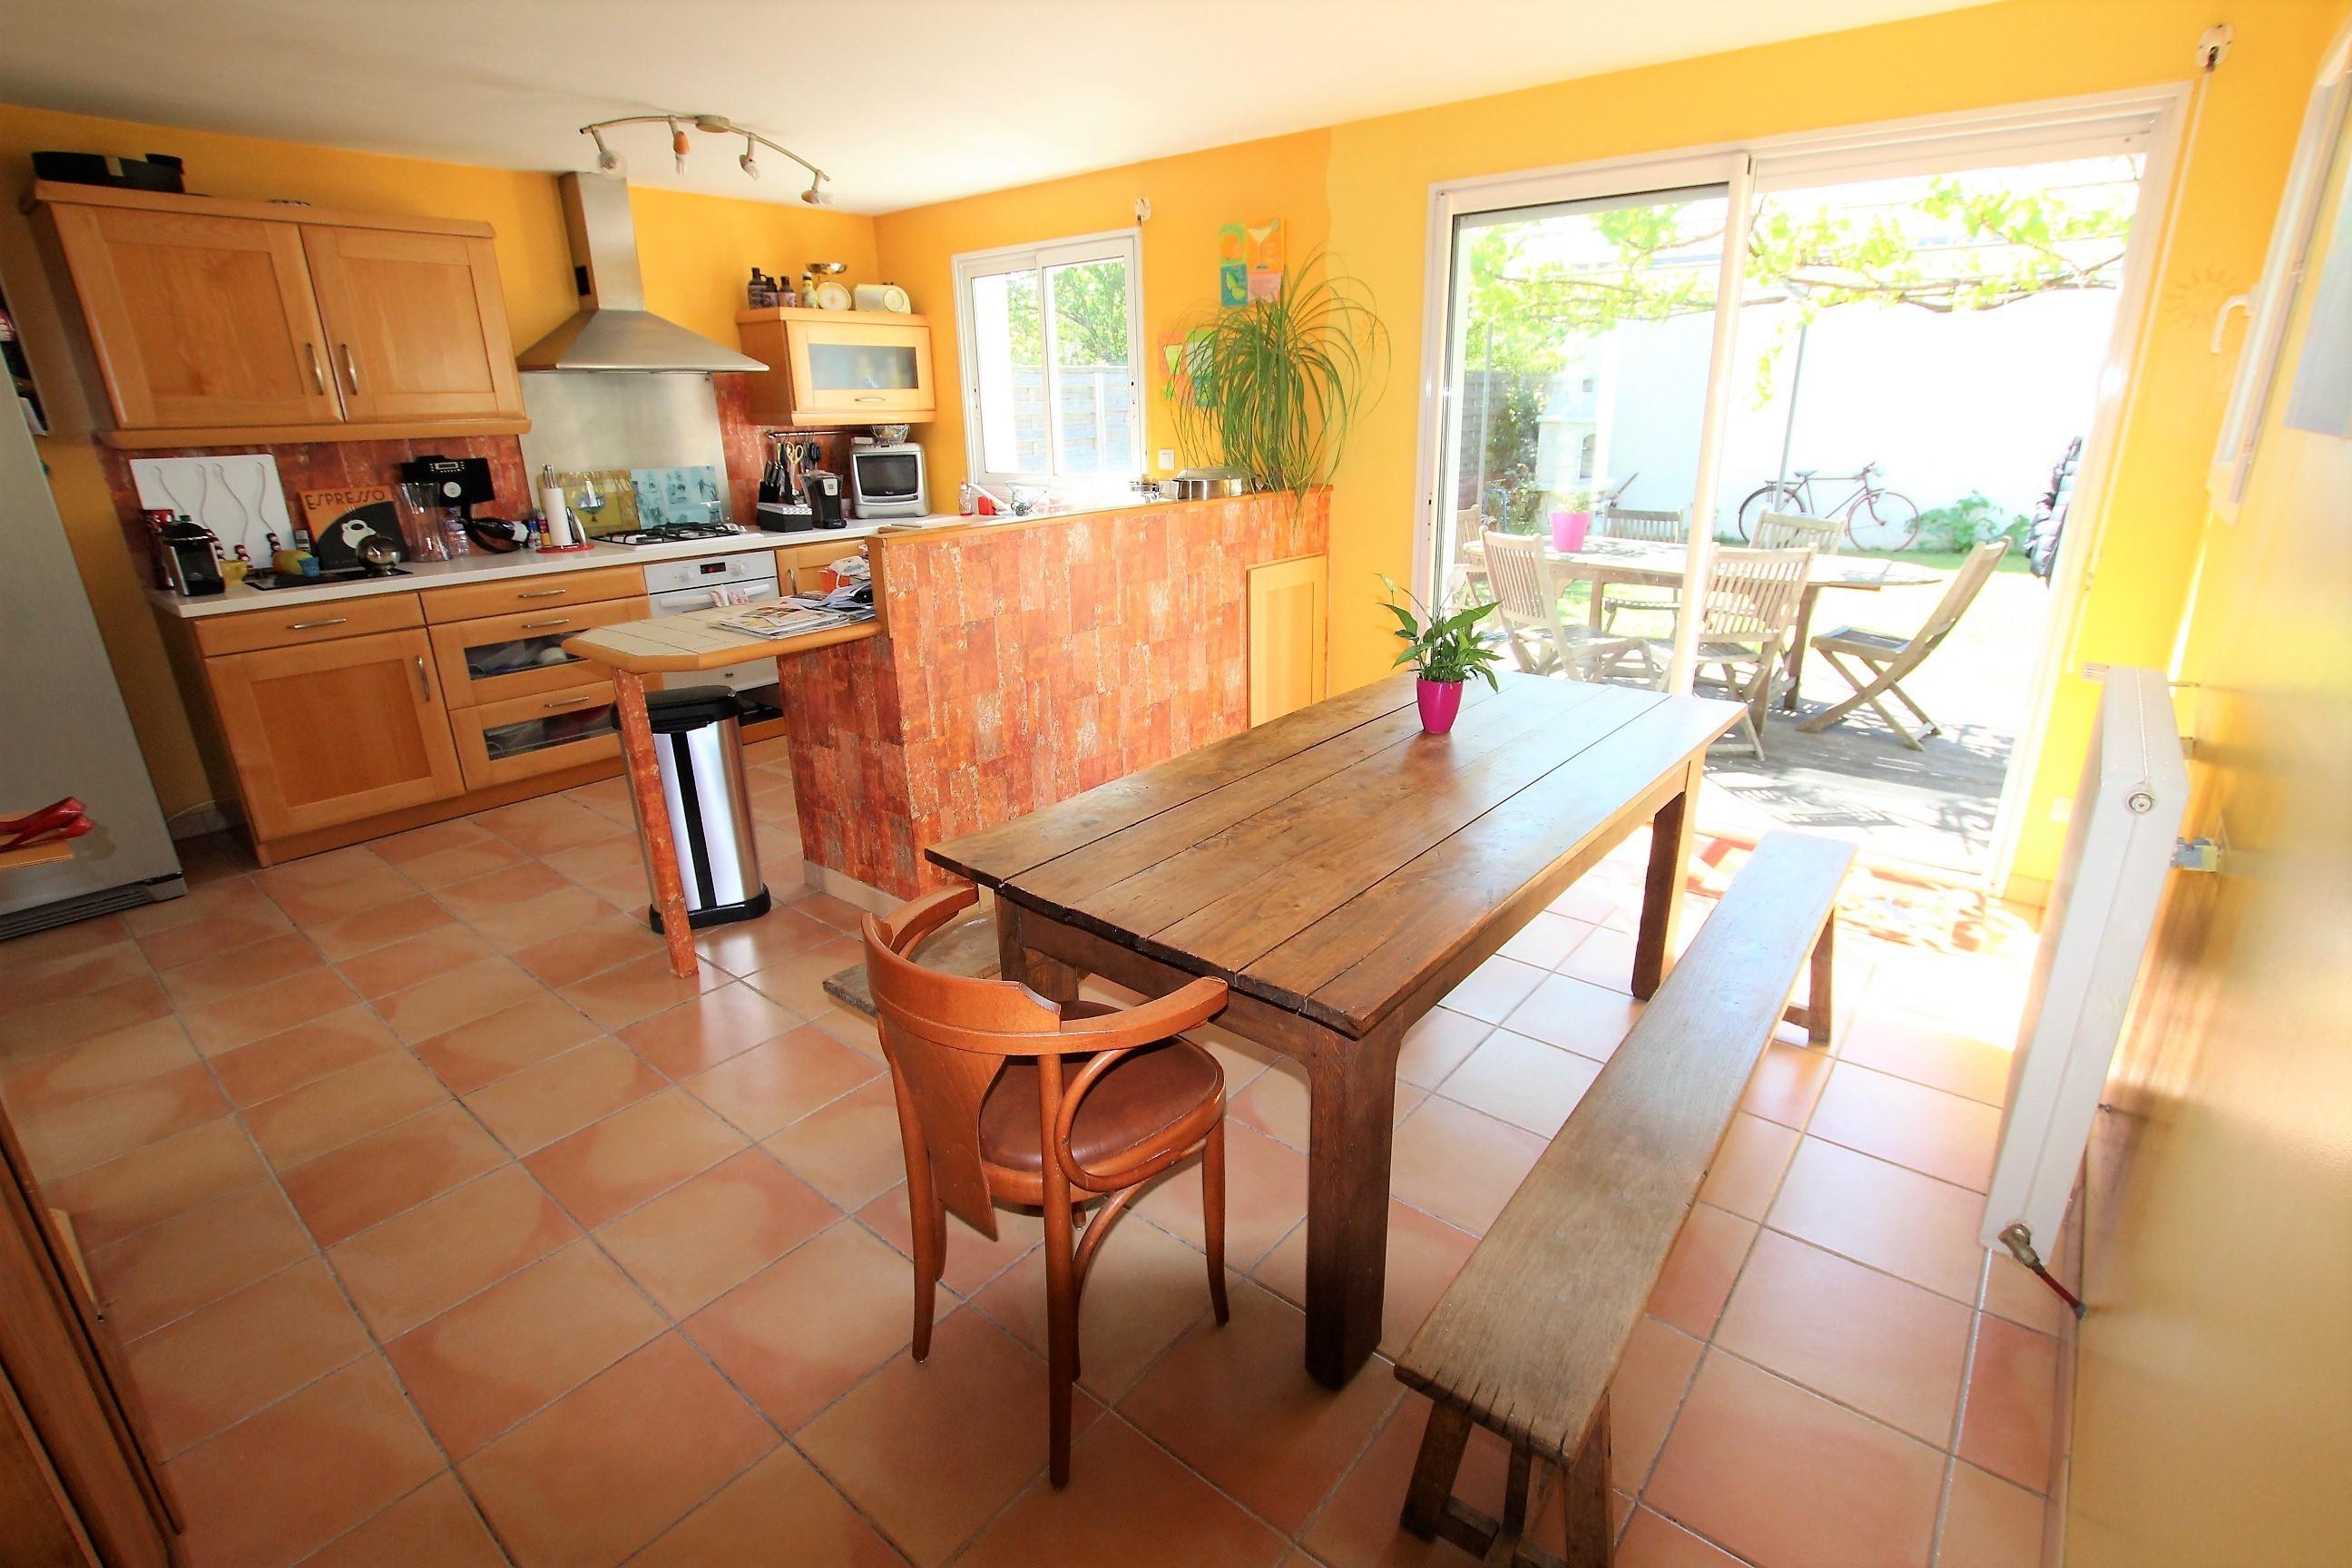 Achat maison angoulins maison de plain pied 4 chambres for Achat maison